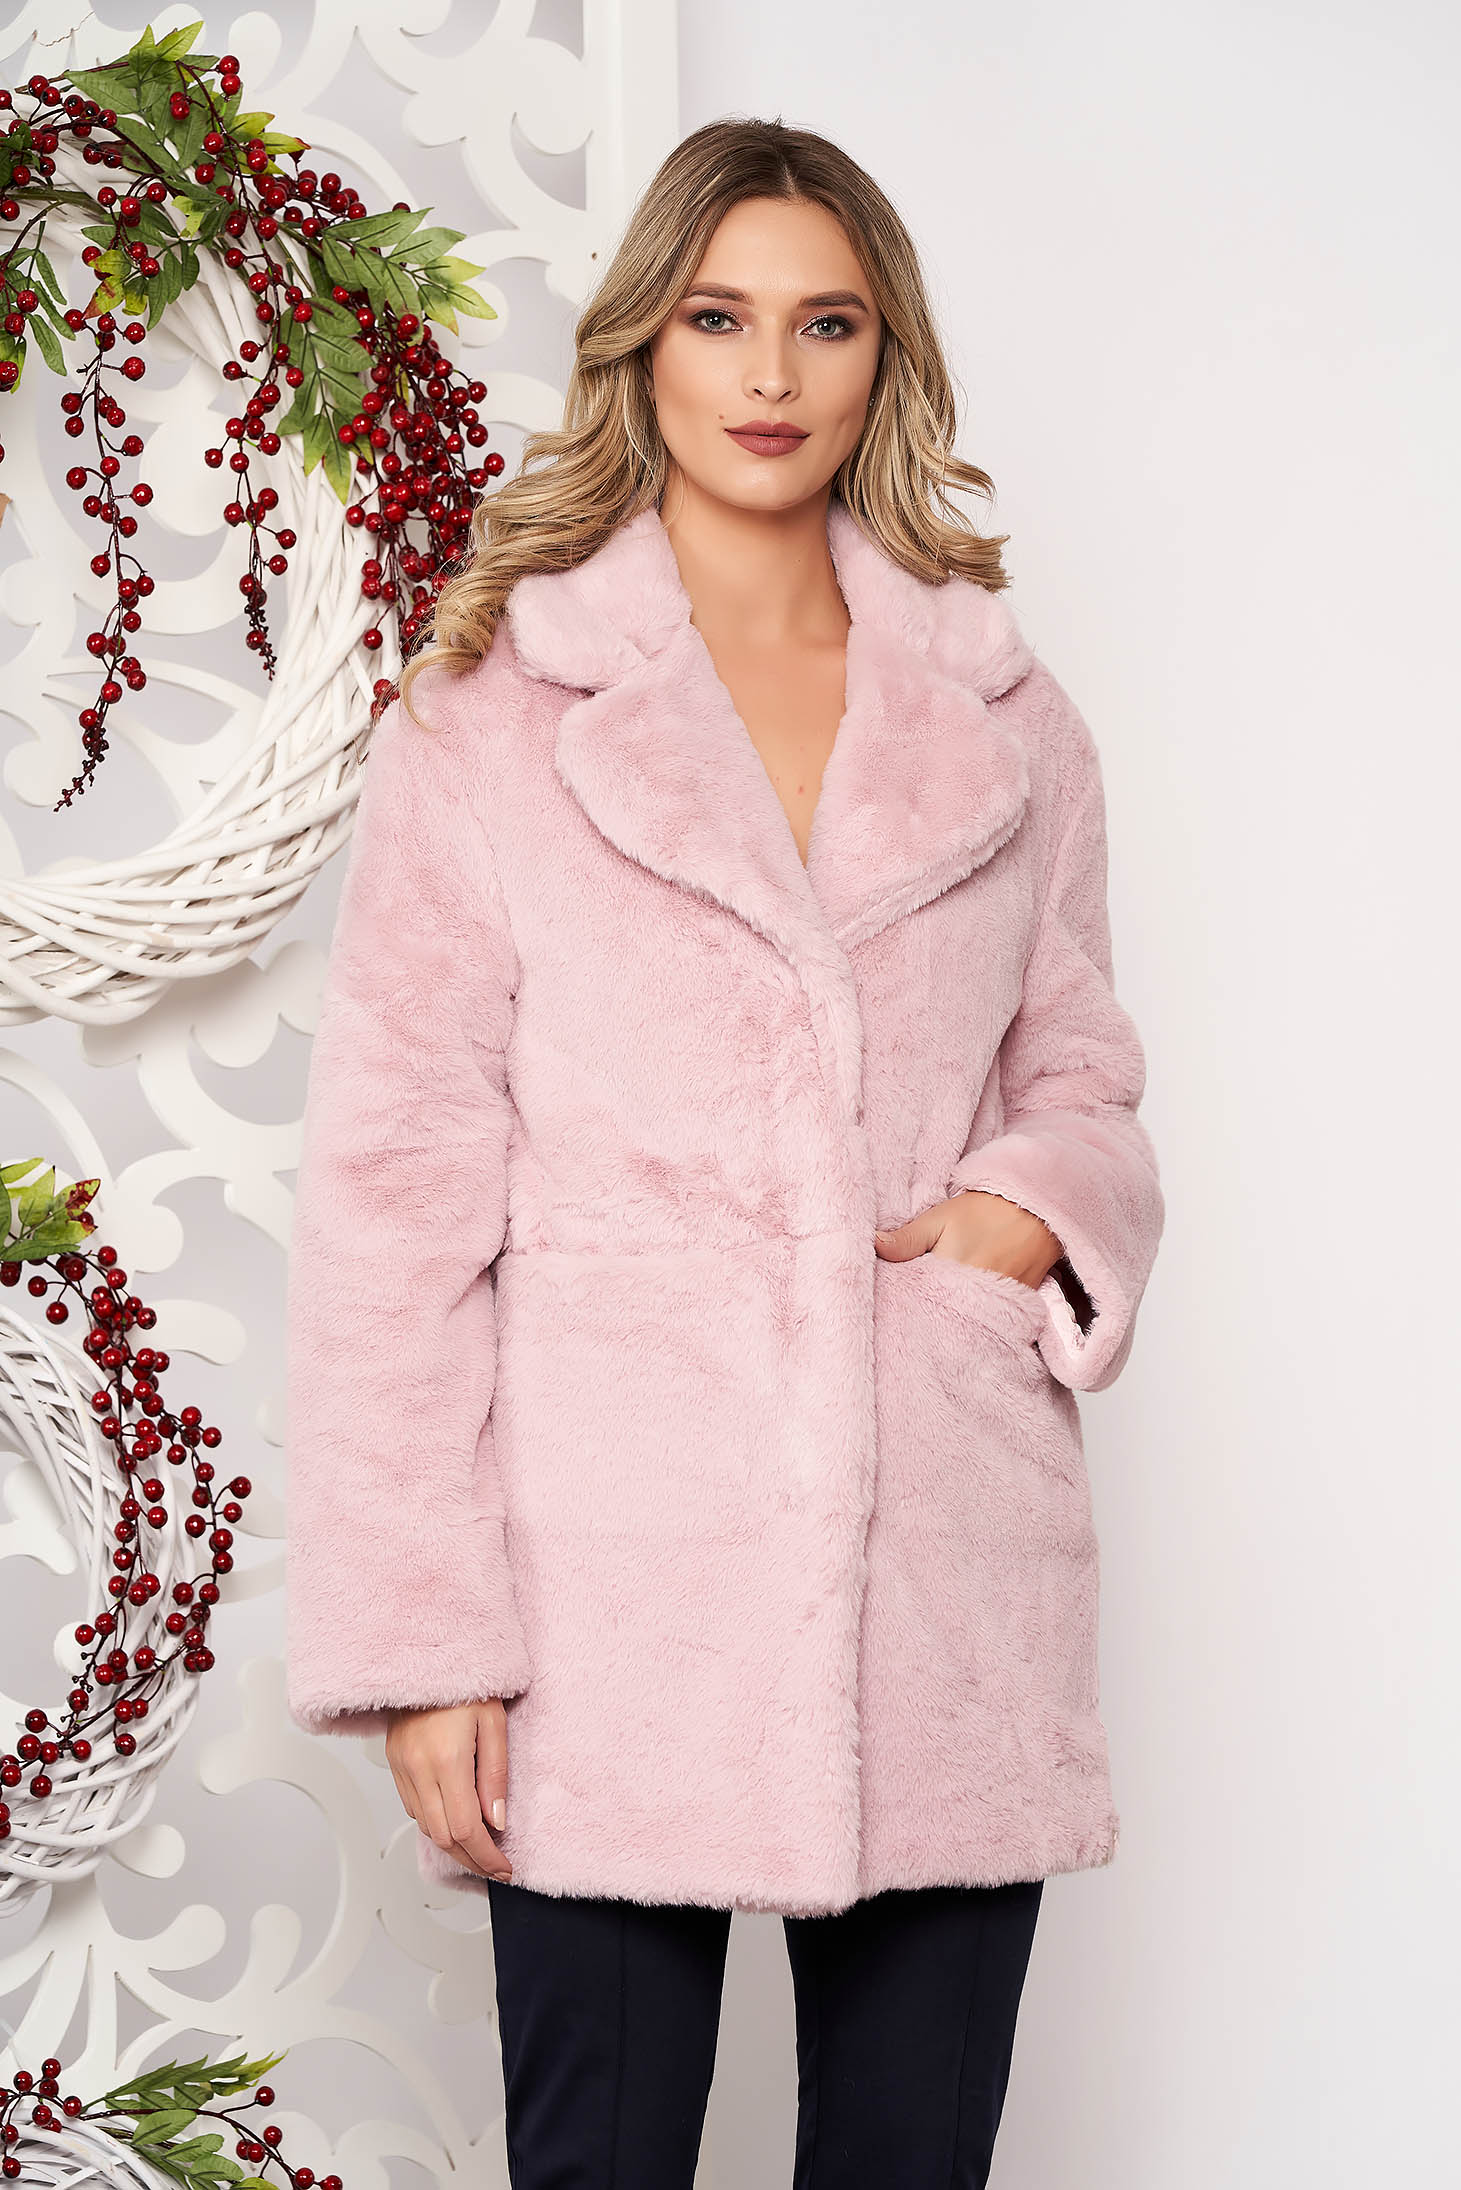 Púder rózsaszínű zsebes szőrme hosszú ujjakkal gomb kiegészítőkkel